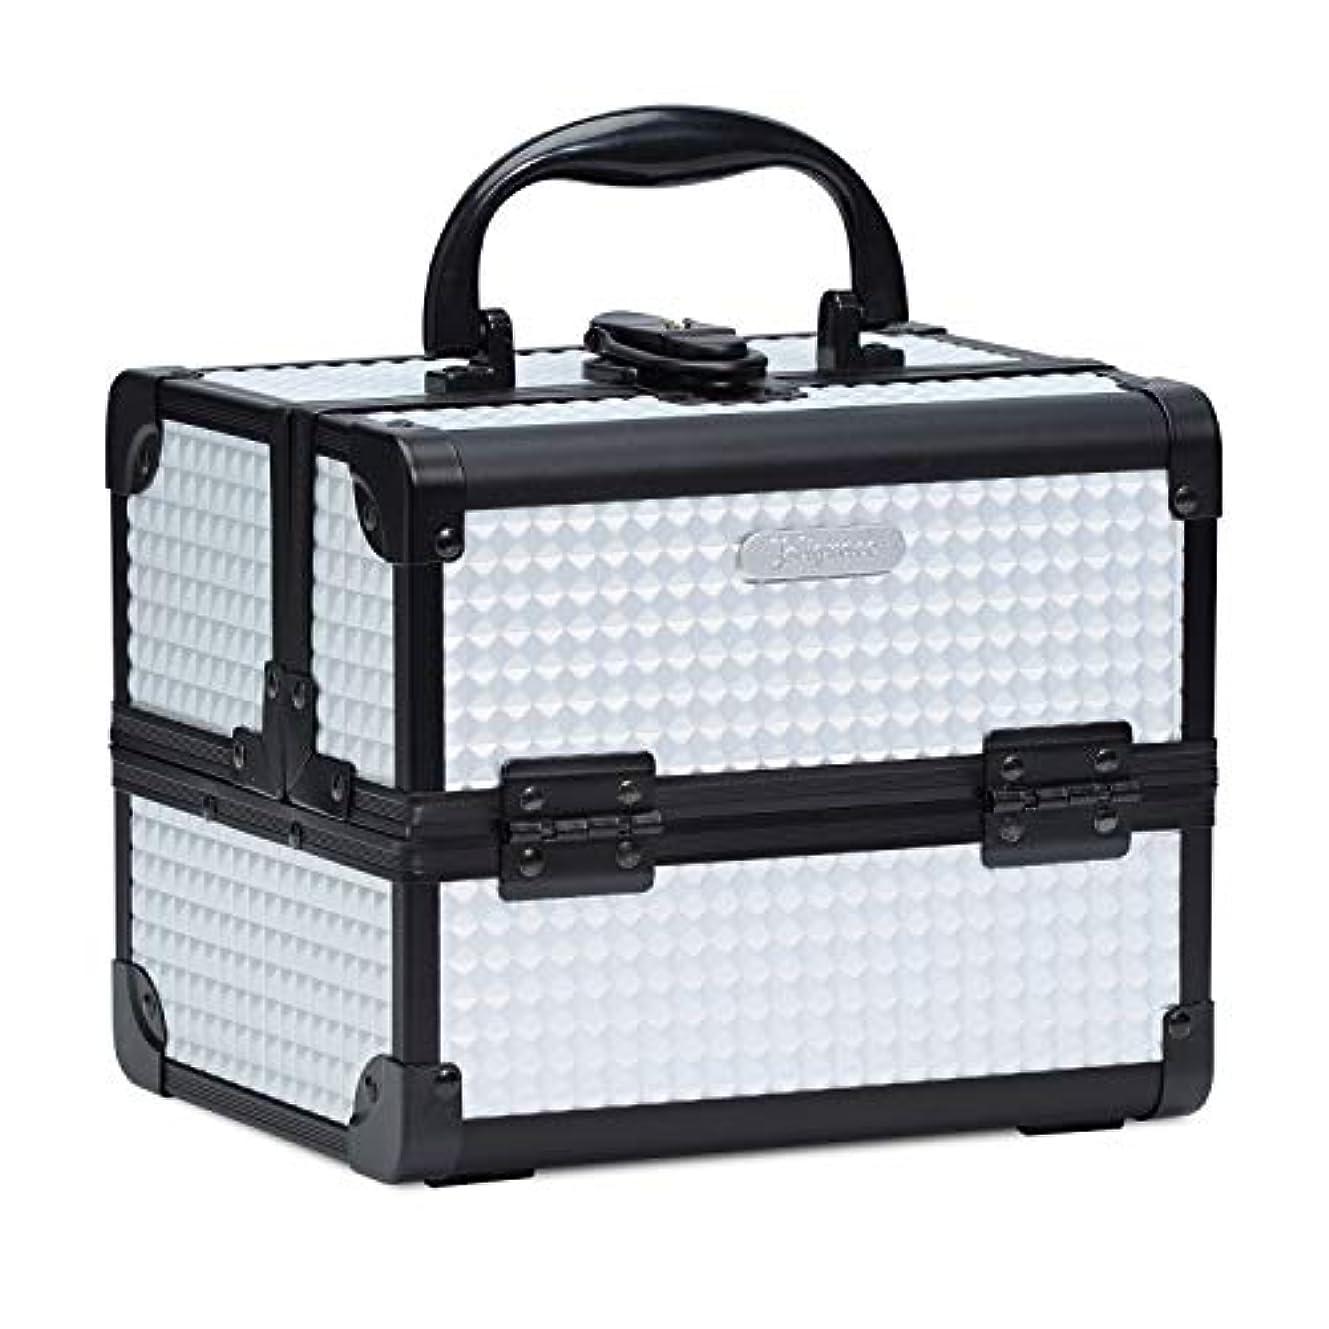 覗く合成光Hapilife コスメボックス 鏡付き スライドトレイ メイク用品収納 プロ仕様 小型 化粧箱